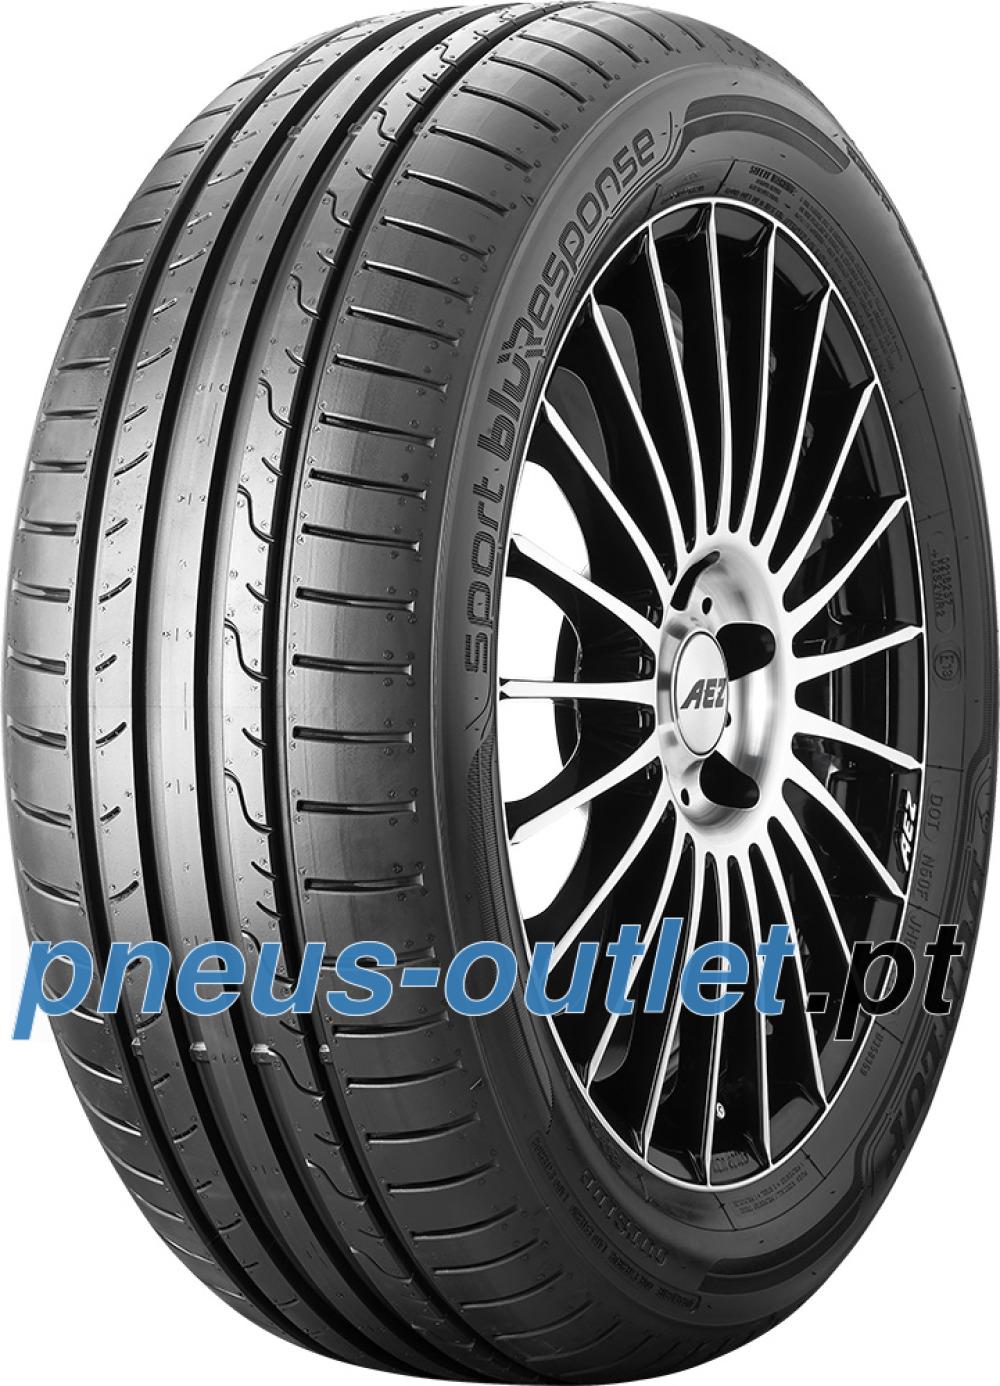 Dunlop Sport BluResponse ( 195/50 R16 88V XL com protecção da jante (MFS) )